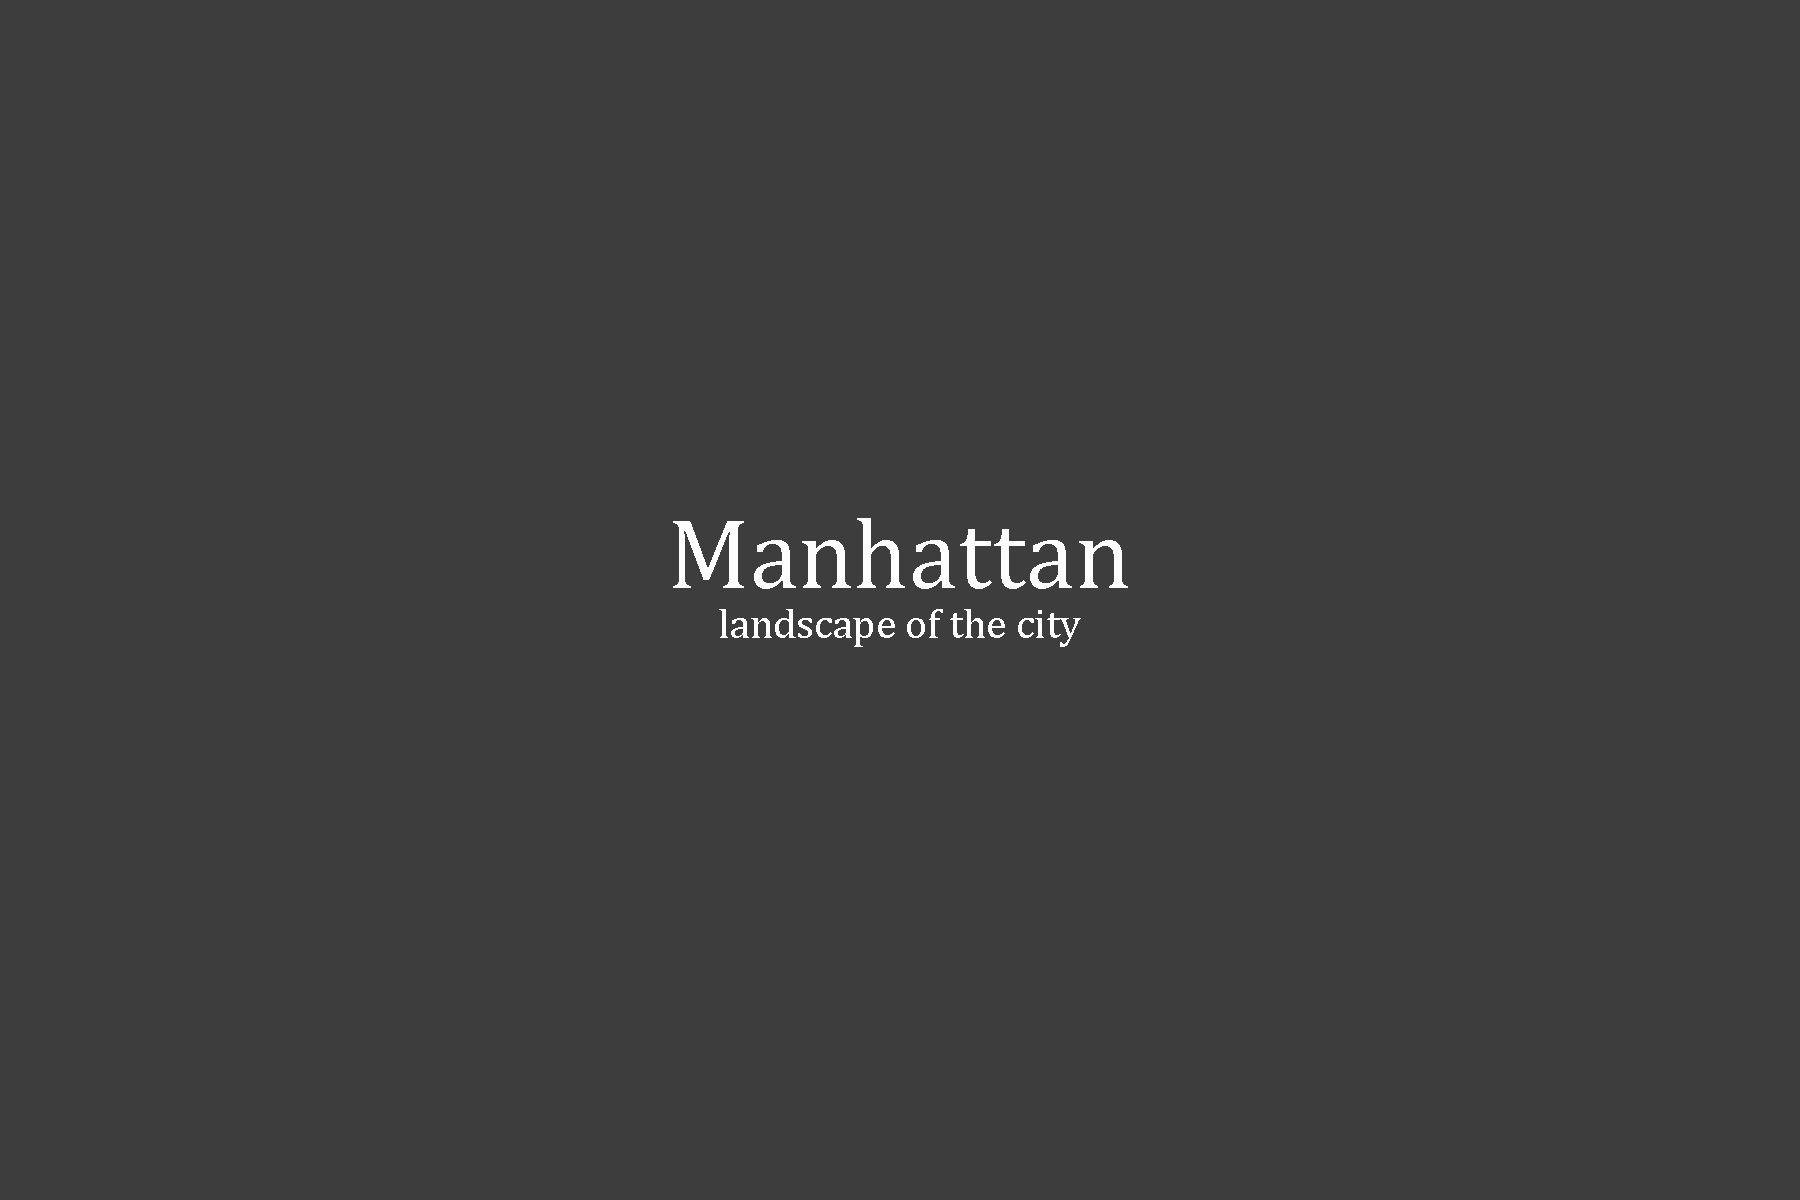 1untitled_manhattan